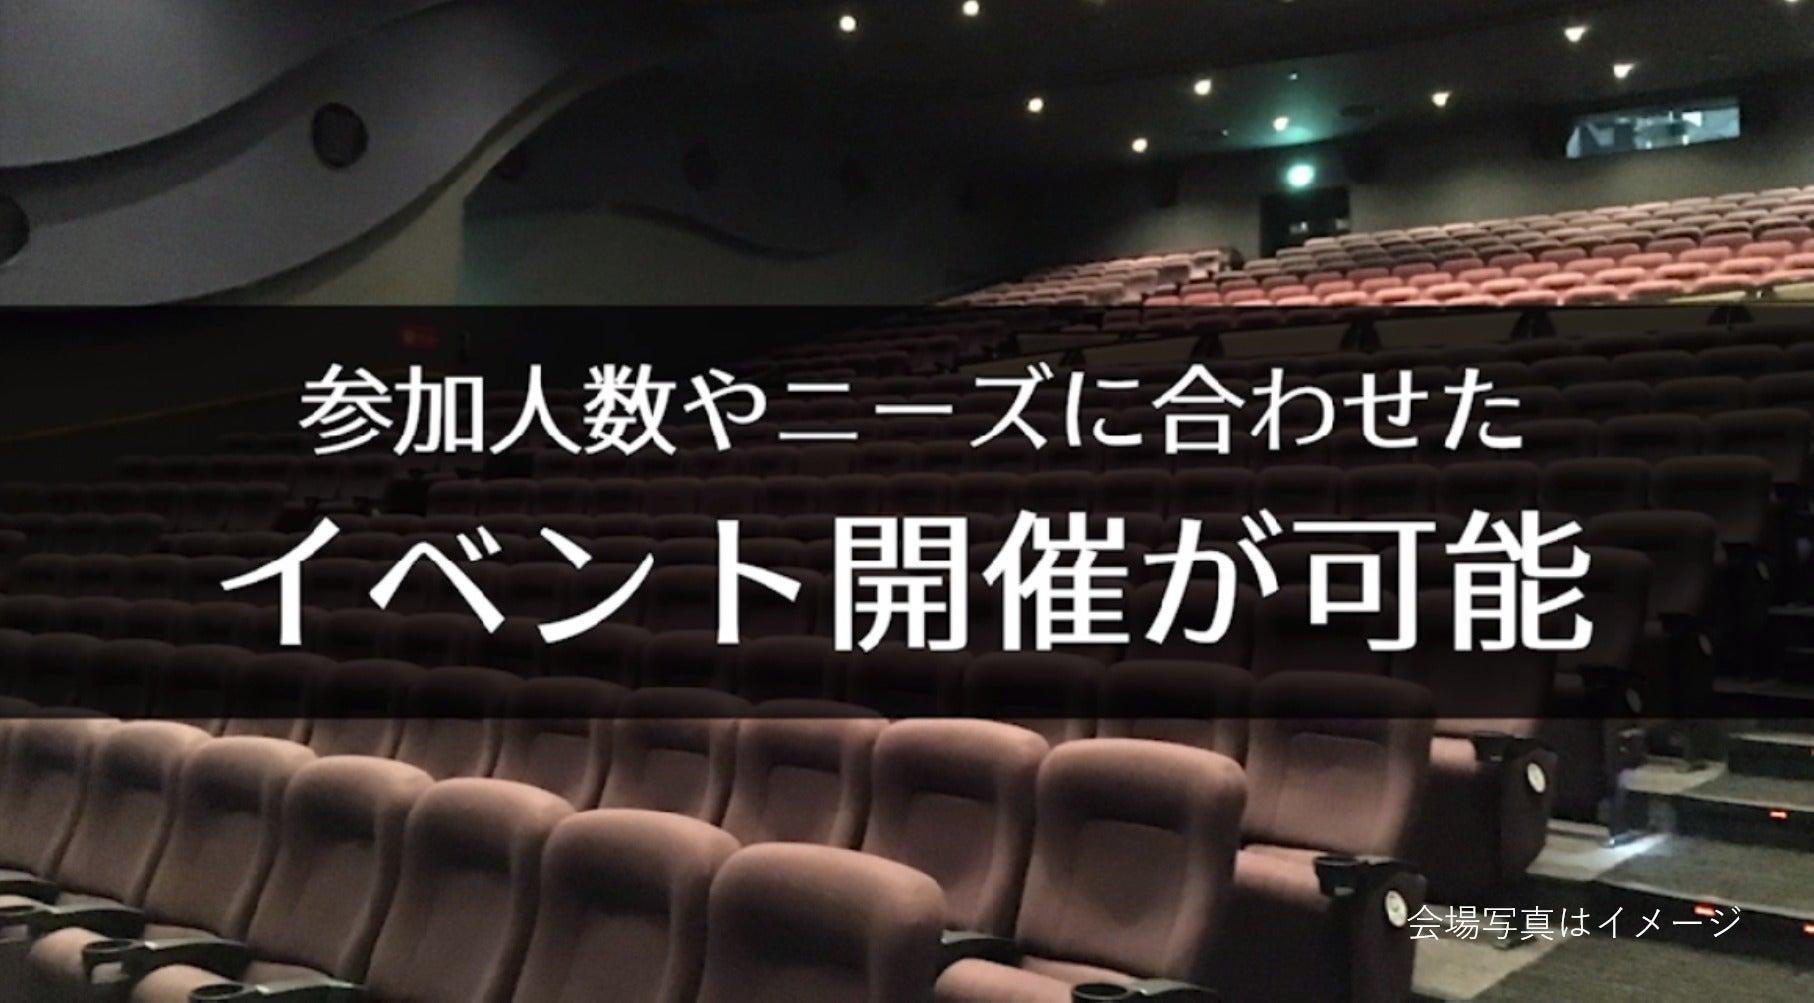 【旭川 104席】映画館で、会社説明会、株主総会、講演会の企画はいかがですか?